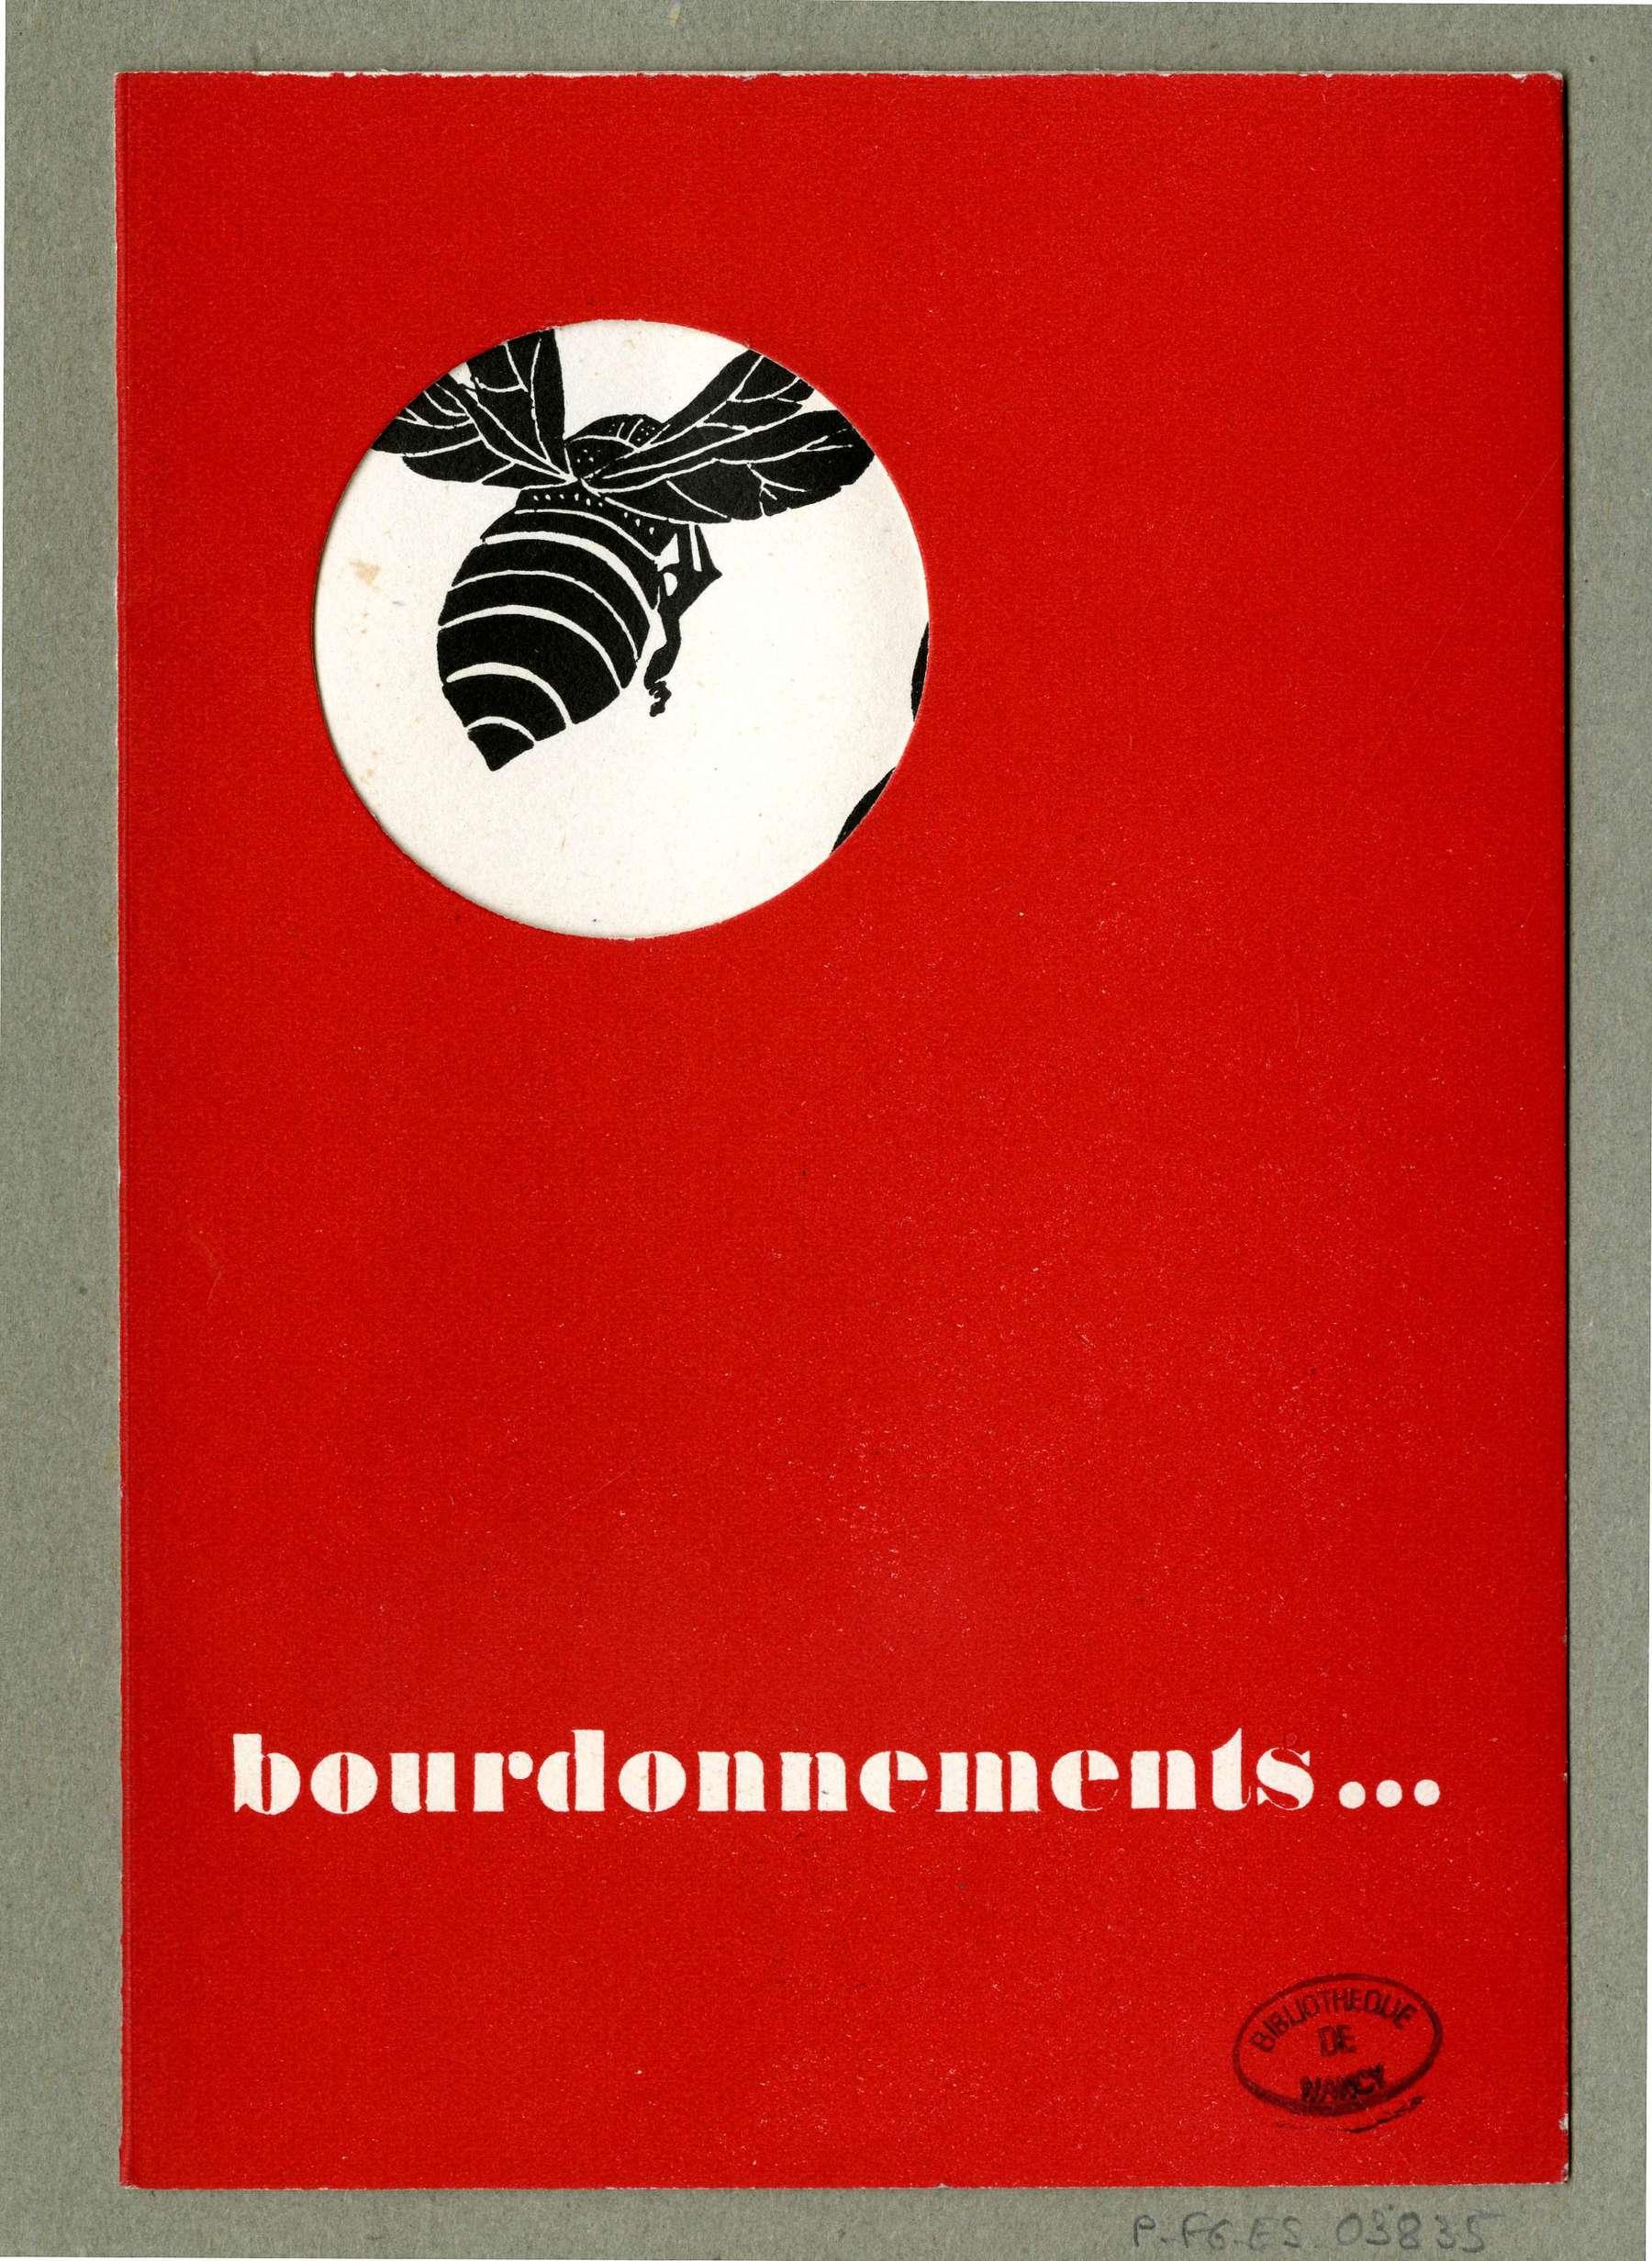 Contenu du Bourdonnements...